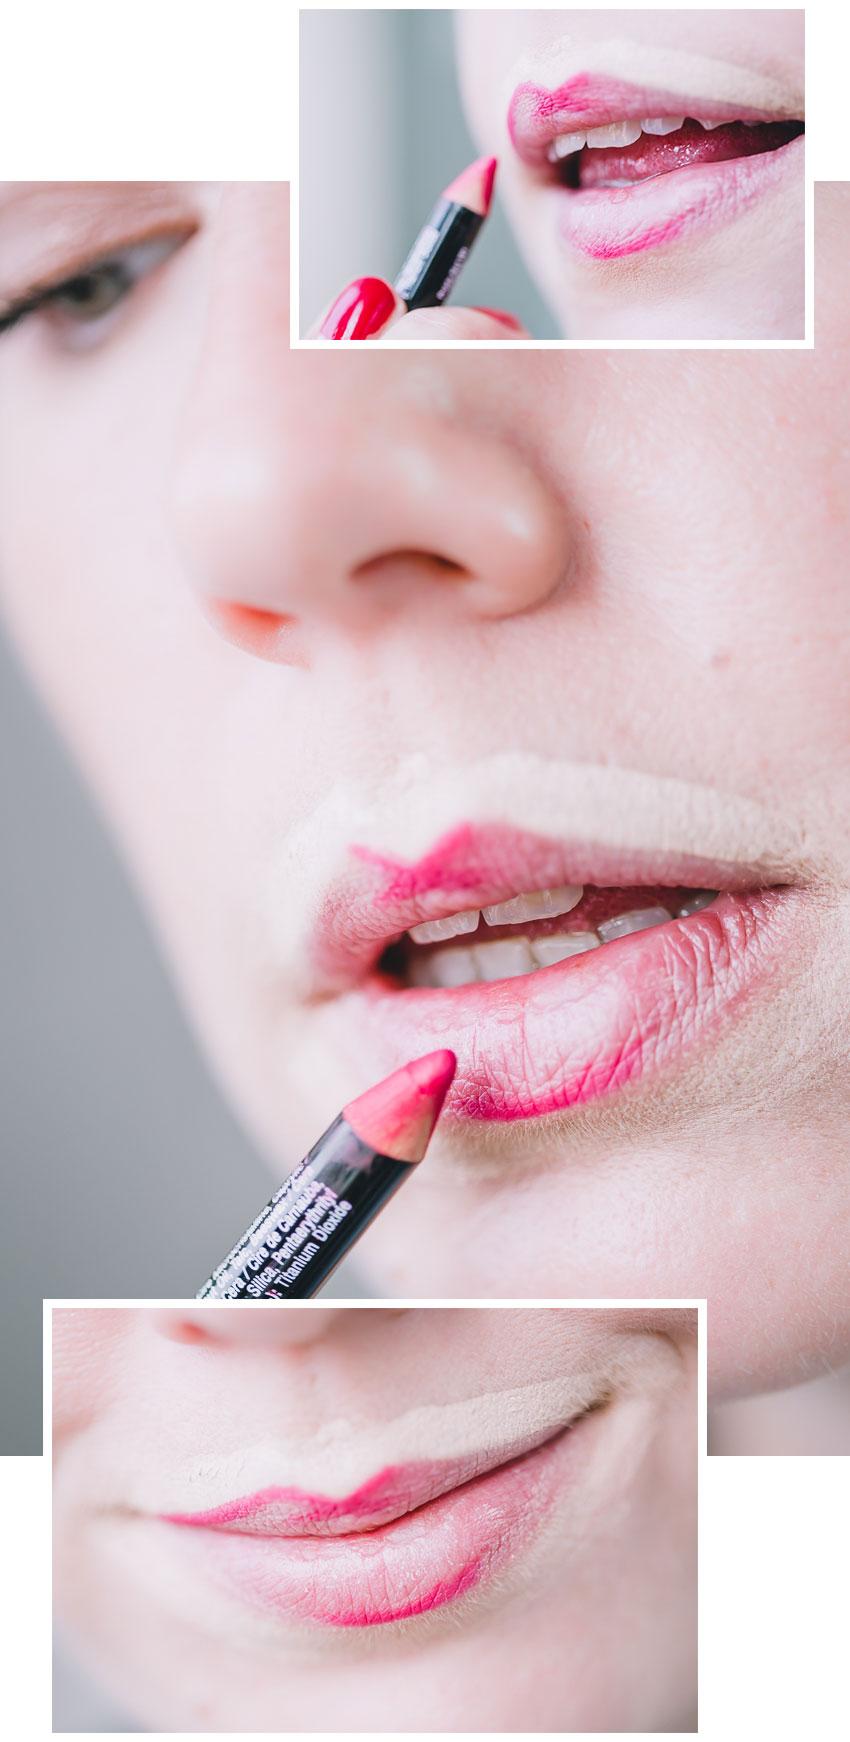 lippenstift richtig auftragen anleitung und tipps f r knallige lippenstifte rosegold marble. Black Bedroom Furniture Sets. Home Design Ideas